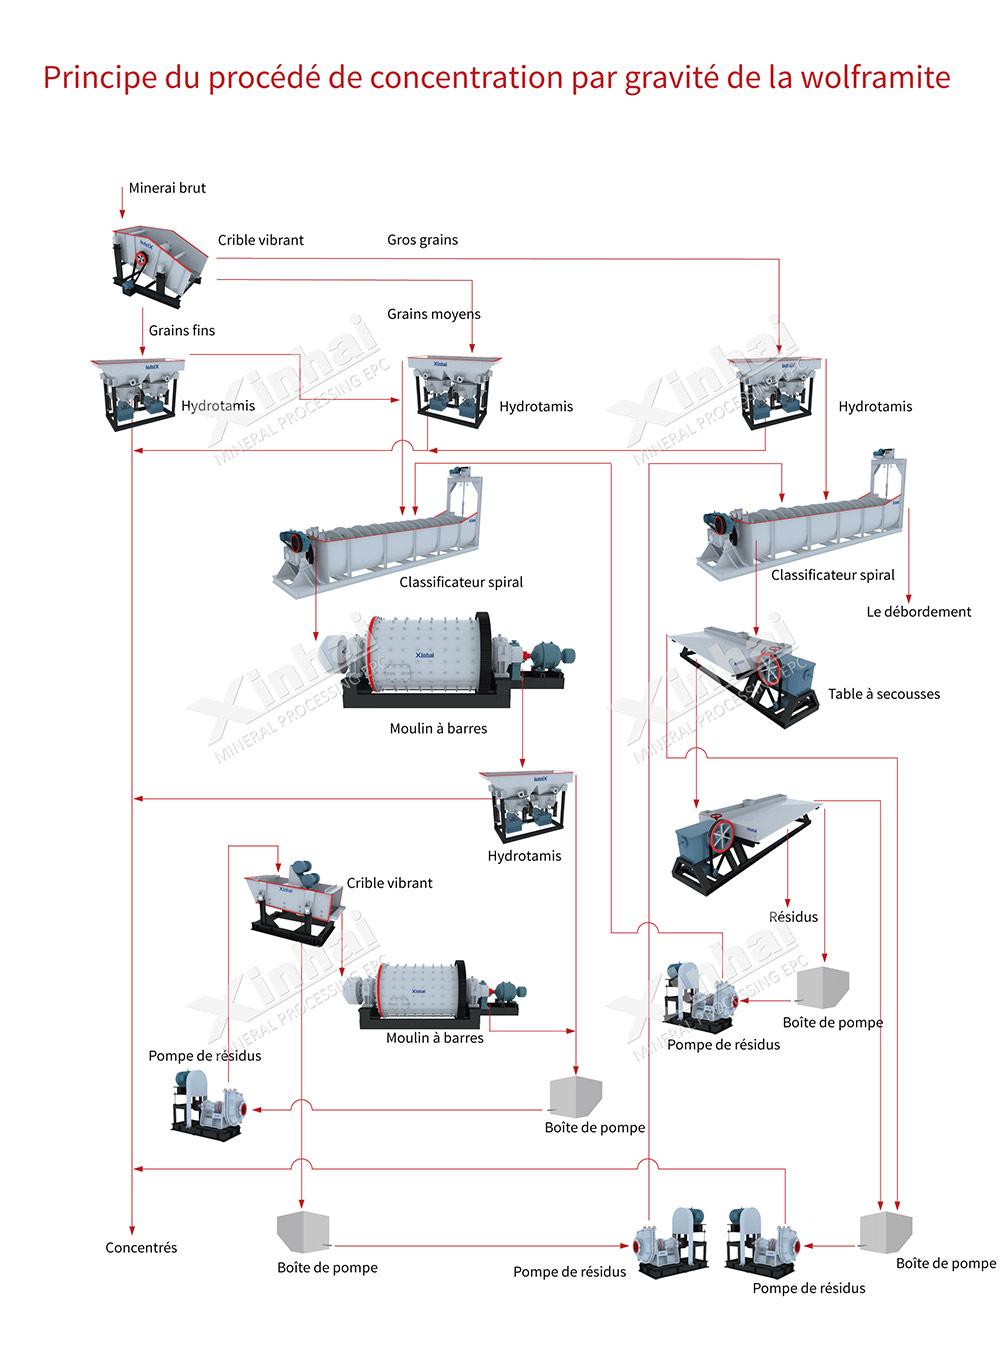 Processo de seleção de Volframite